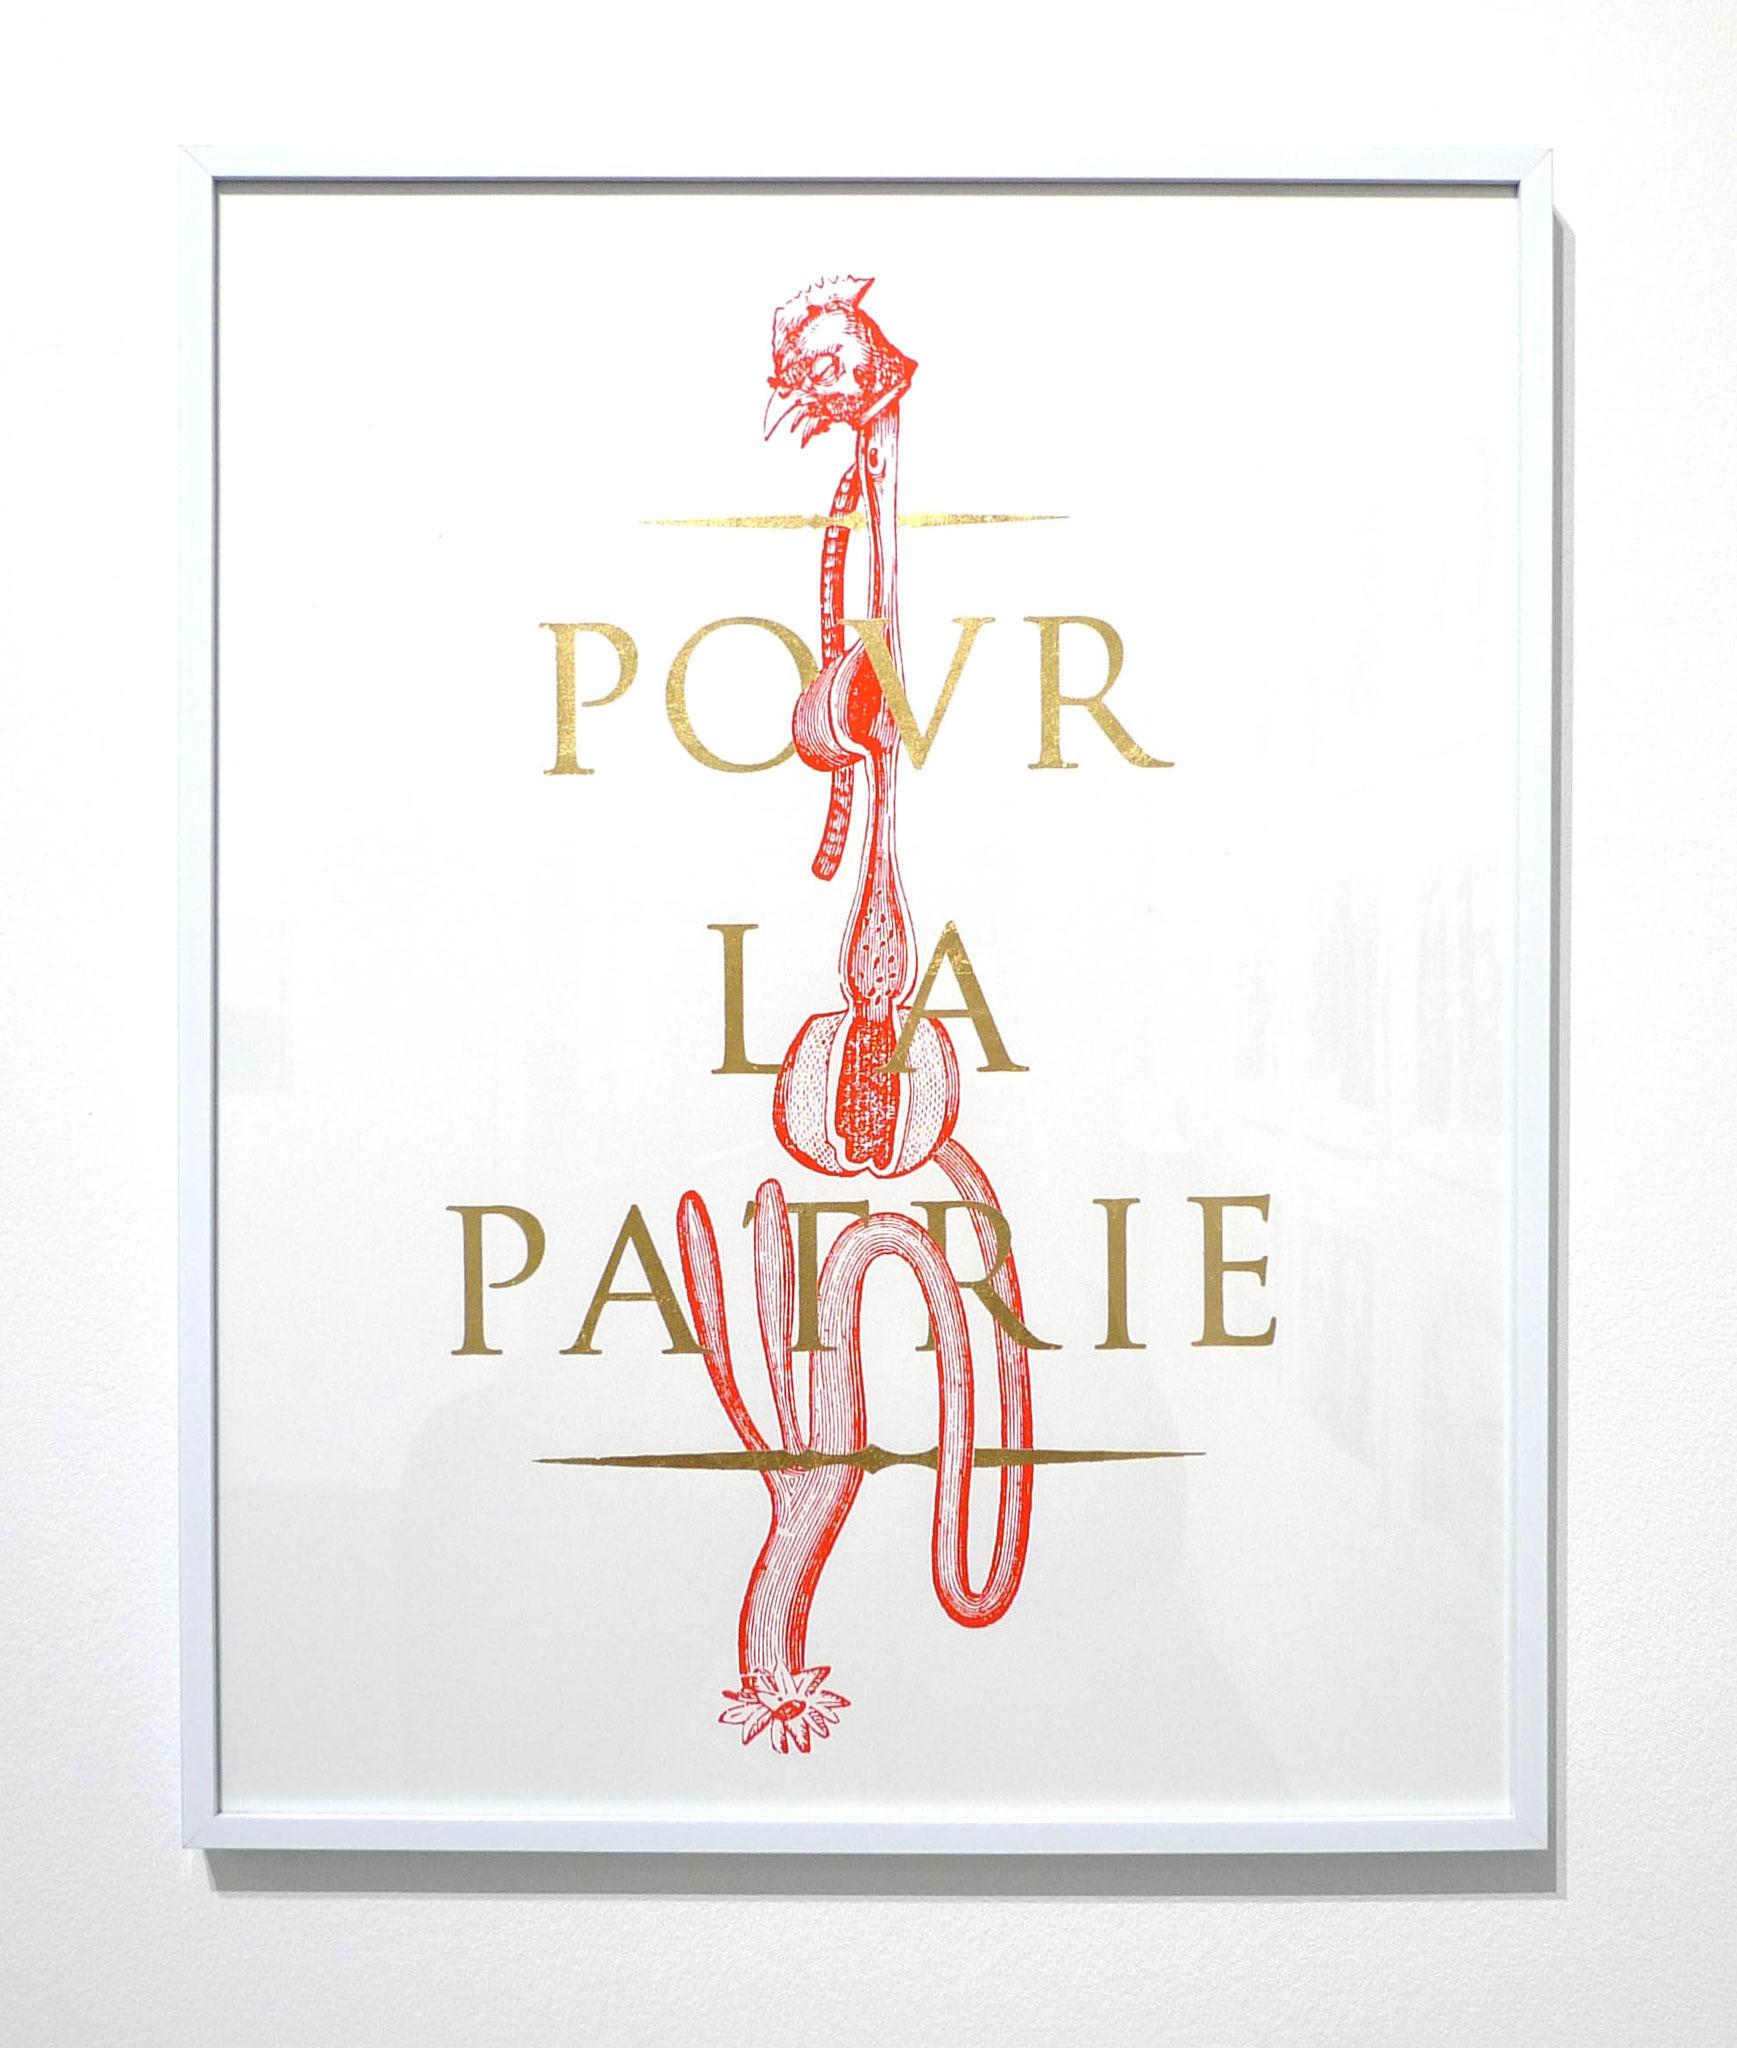 Pour la Patrie, 2017. Sérigraphie et dorure, 40 x 50 cm. À nos morts, 2017. Typographie bois sur papier de cuve, 50 x 70 cm. Photo Loïc Creff